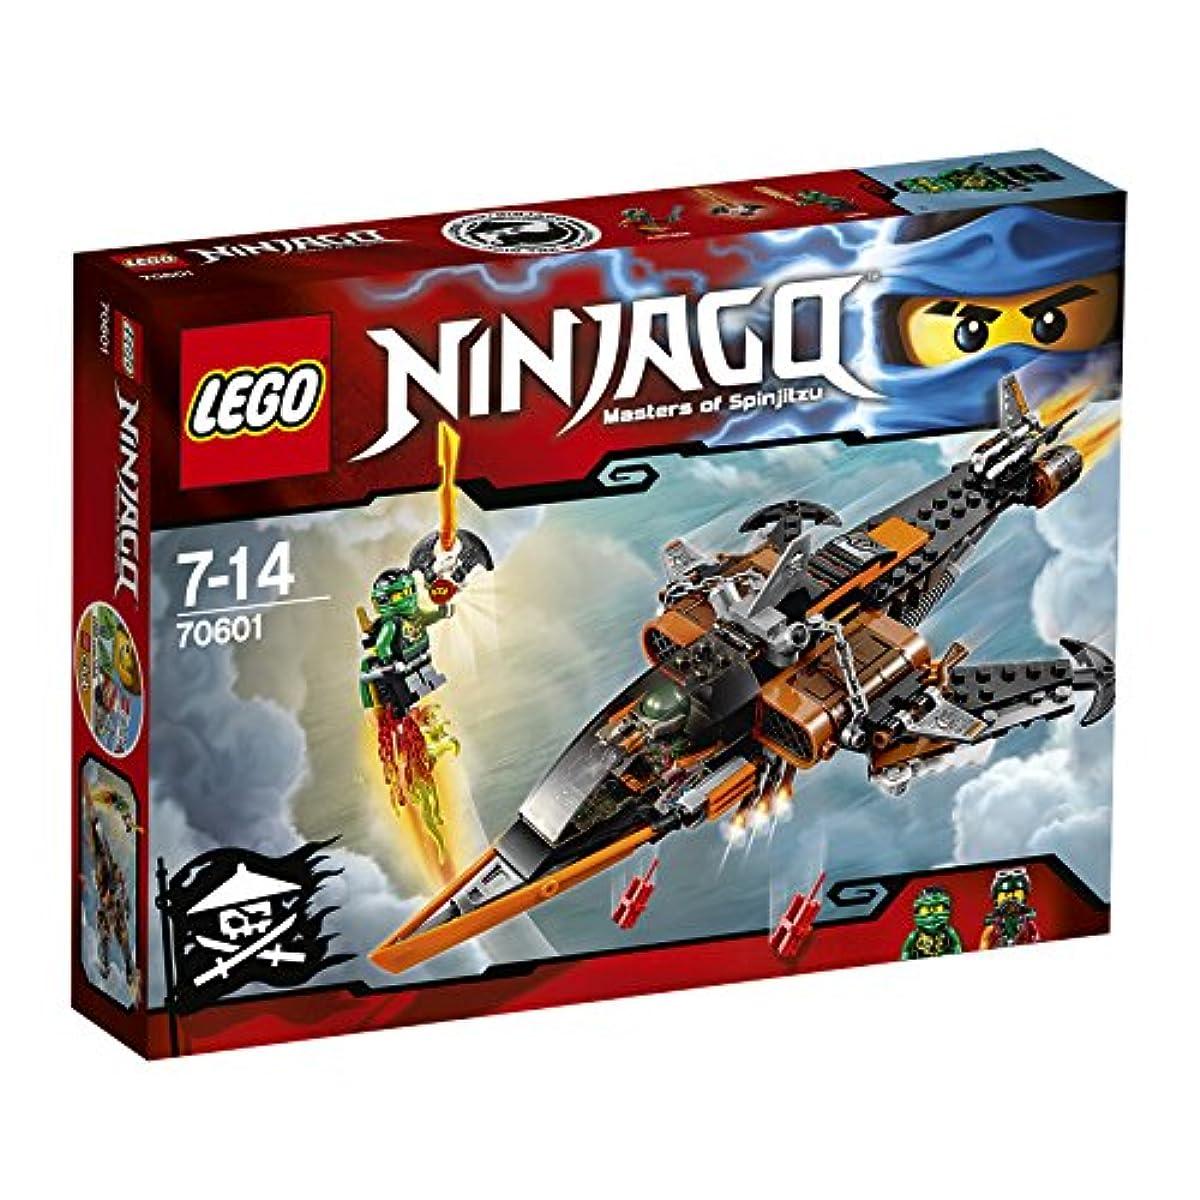 [해외] 레고 (LEGO) 닌자고 하늘의 상어고푸퍼터  70601-70601 (2016-03-18)